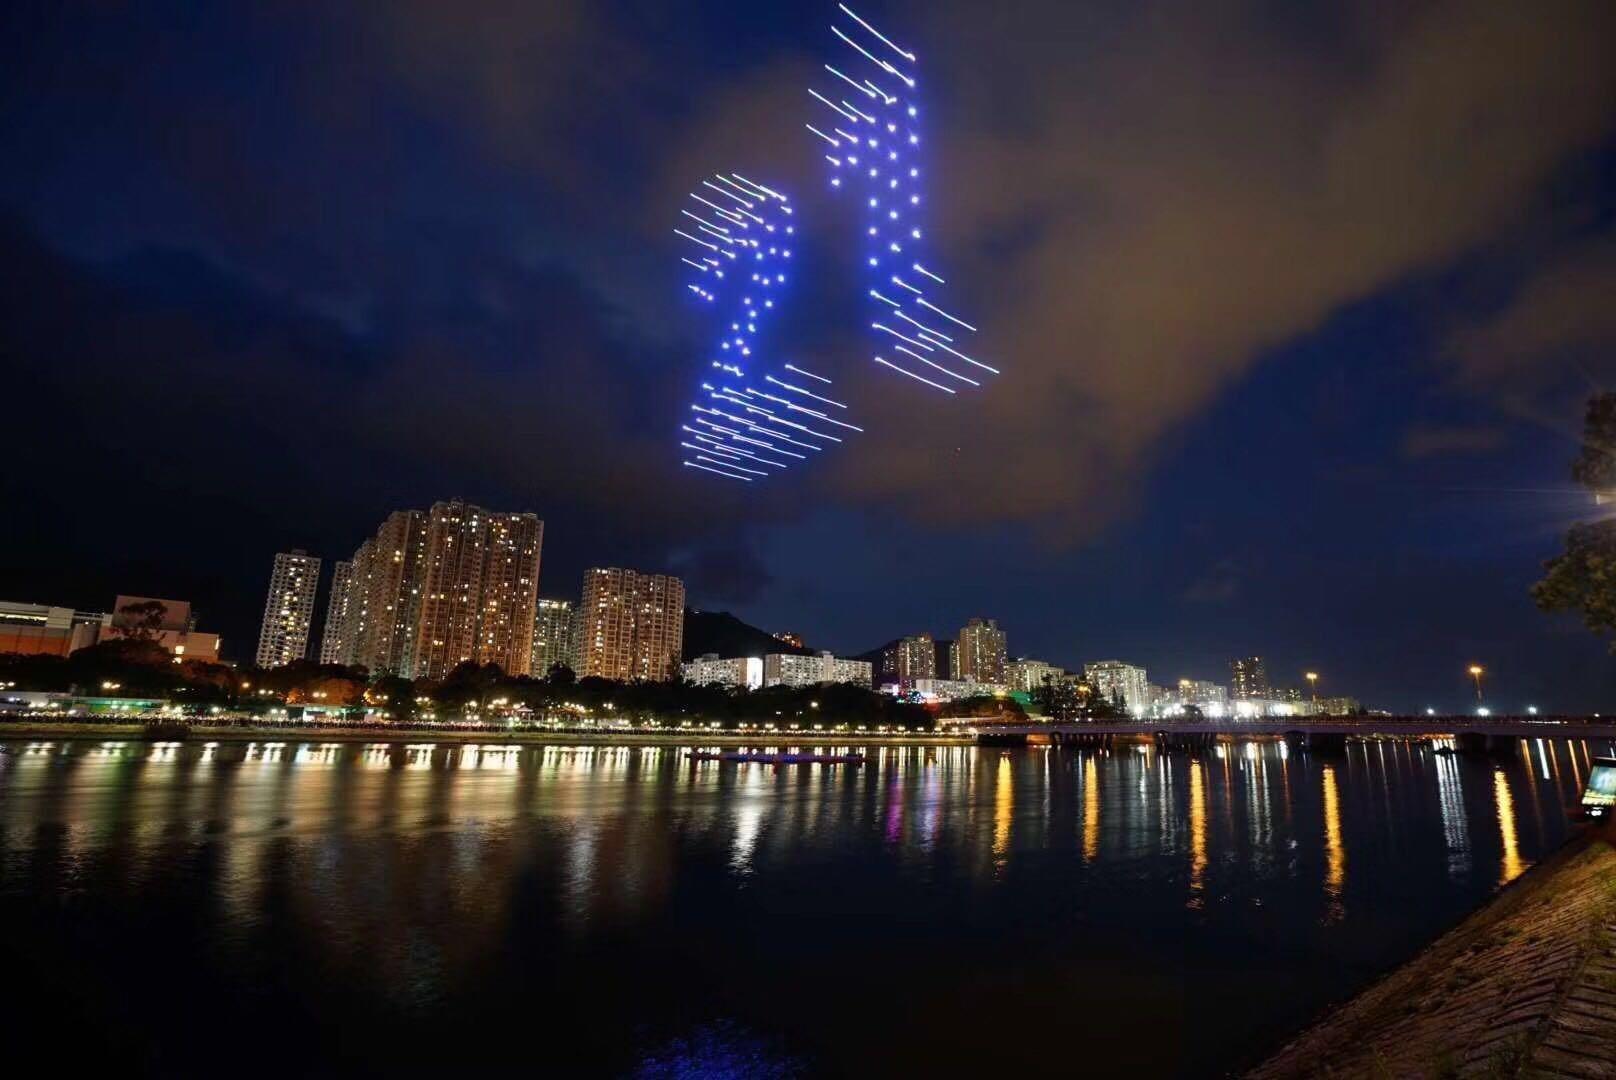 白鹭栖明珠万人空巷,香港首次无人机编队表演庆回归